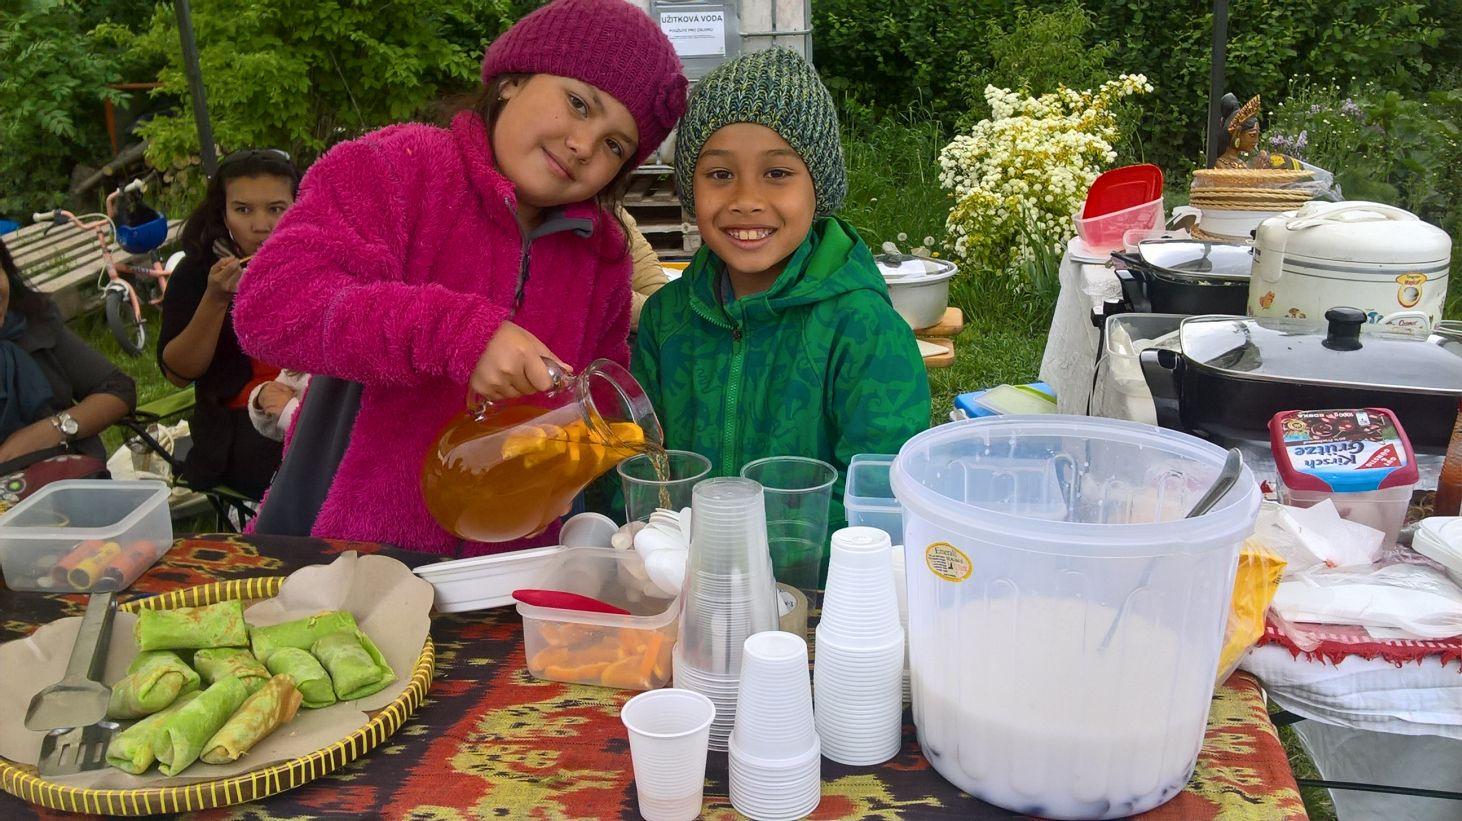 Restaurant Day a Bleší trh, Komunitní zahrada